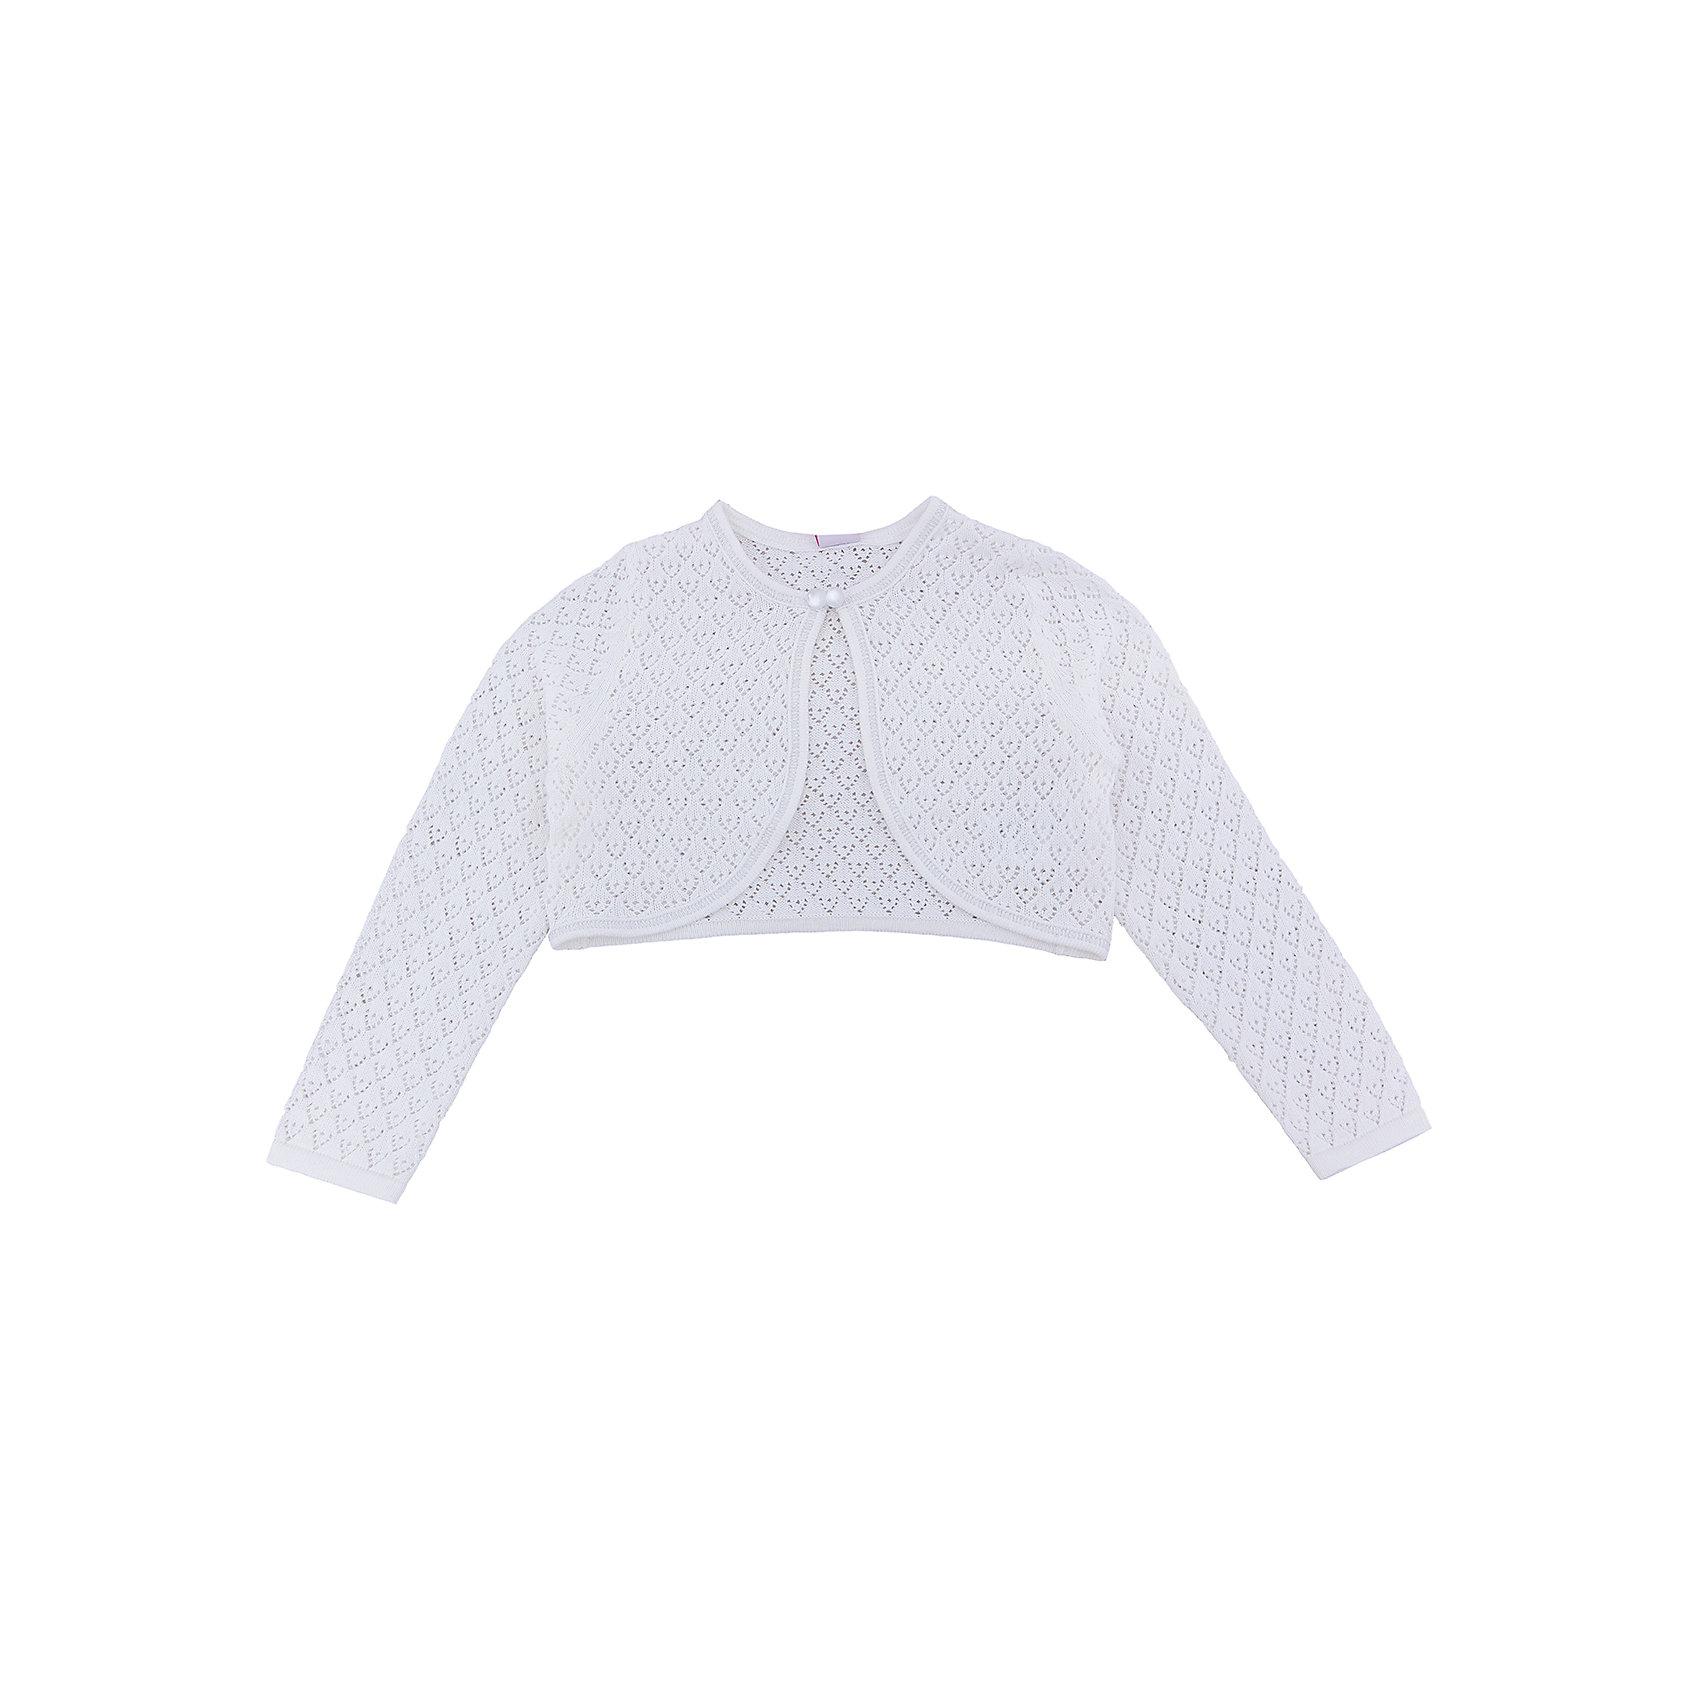 Болеро для девочки SELAЖакет для девочки SELA<br><br>Характеристики:<br><br>• Цвет молочный.<br>• Рукав длинный.<br>• Силуэт прямой.<br>• Состав:100% хлопок.<br><br><br>Жакет для девочки от признанного лидера по созданию коллекций одежды в стиле casual - SELA. Нарядный жакет из хлопкового трикотажа молочного цвета станет украшением гардероба маленькой модницы . Ажурная вязка, закругленные полы, нарядная пуговка- застежка не оставят вашу девочку равнодушной.Натуральный хлопок в составе изделия делает его дышащим, приятным на ощупь и гипоаллергенным. В таком жакете девочка будет выглядеть стильно и нарядно!<br><br>Жакет для девочки SELA, можно купить в нашем интернет - магазине.<br><br>Ширина мм: 190<br>Глубина мм: 74<br>Высота мм: 229<br>Вес г: 236<br>Цвет: белый<br>Возраст от месяцев: 24<br>Возраст до месяцев: 36<br>Пол: Женский<br>Возраст: Детский<br>Размер: 98,104,110,116,92<br>SKU: 5078928